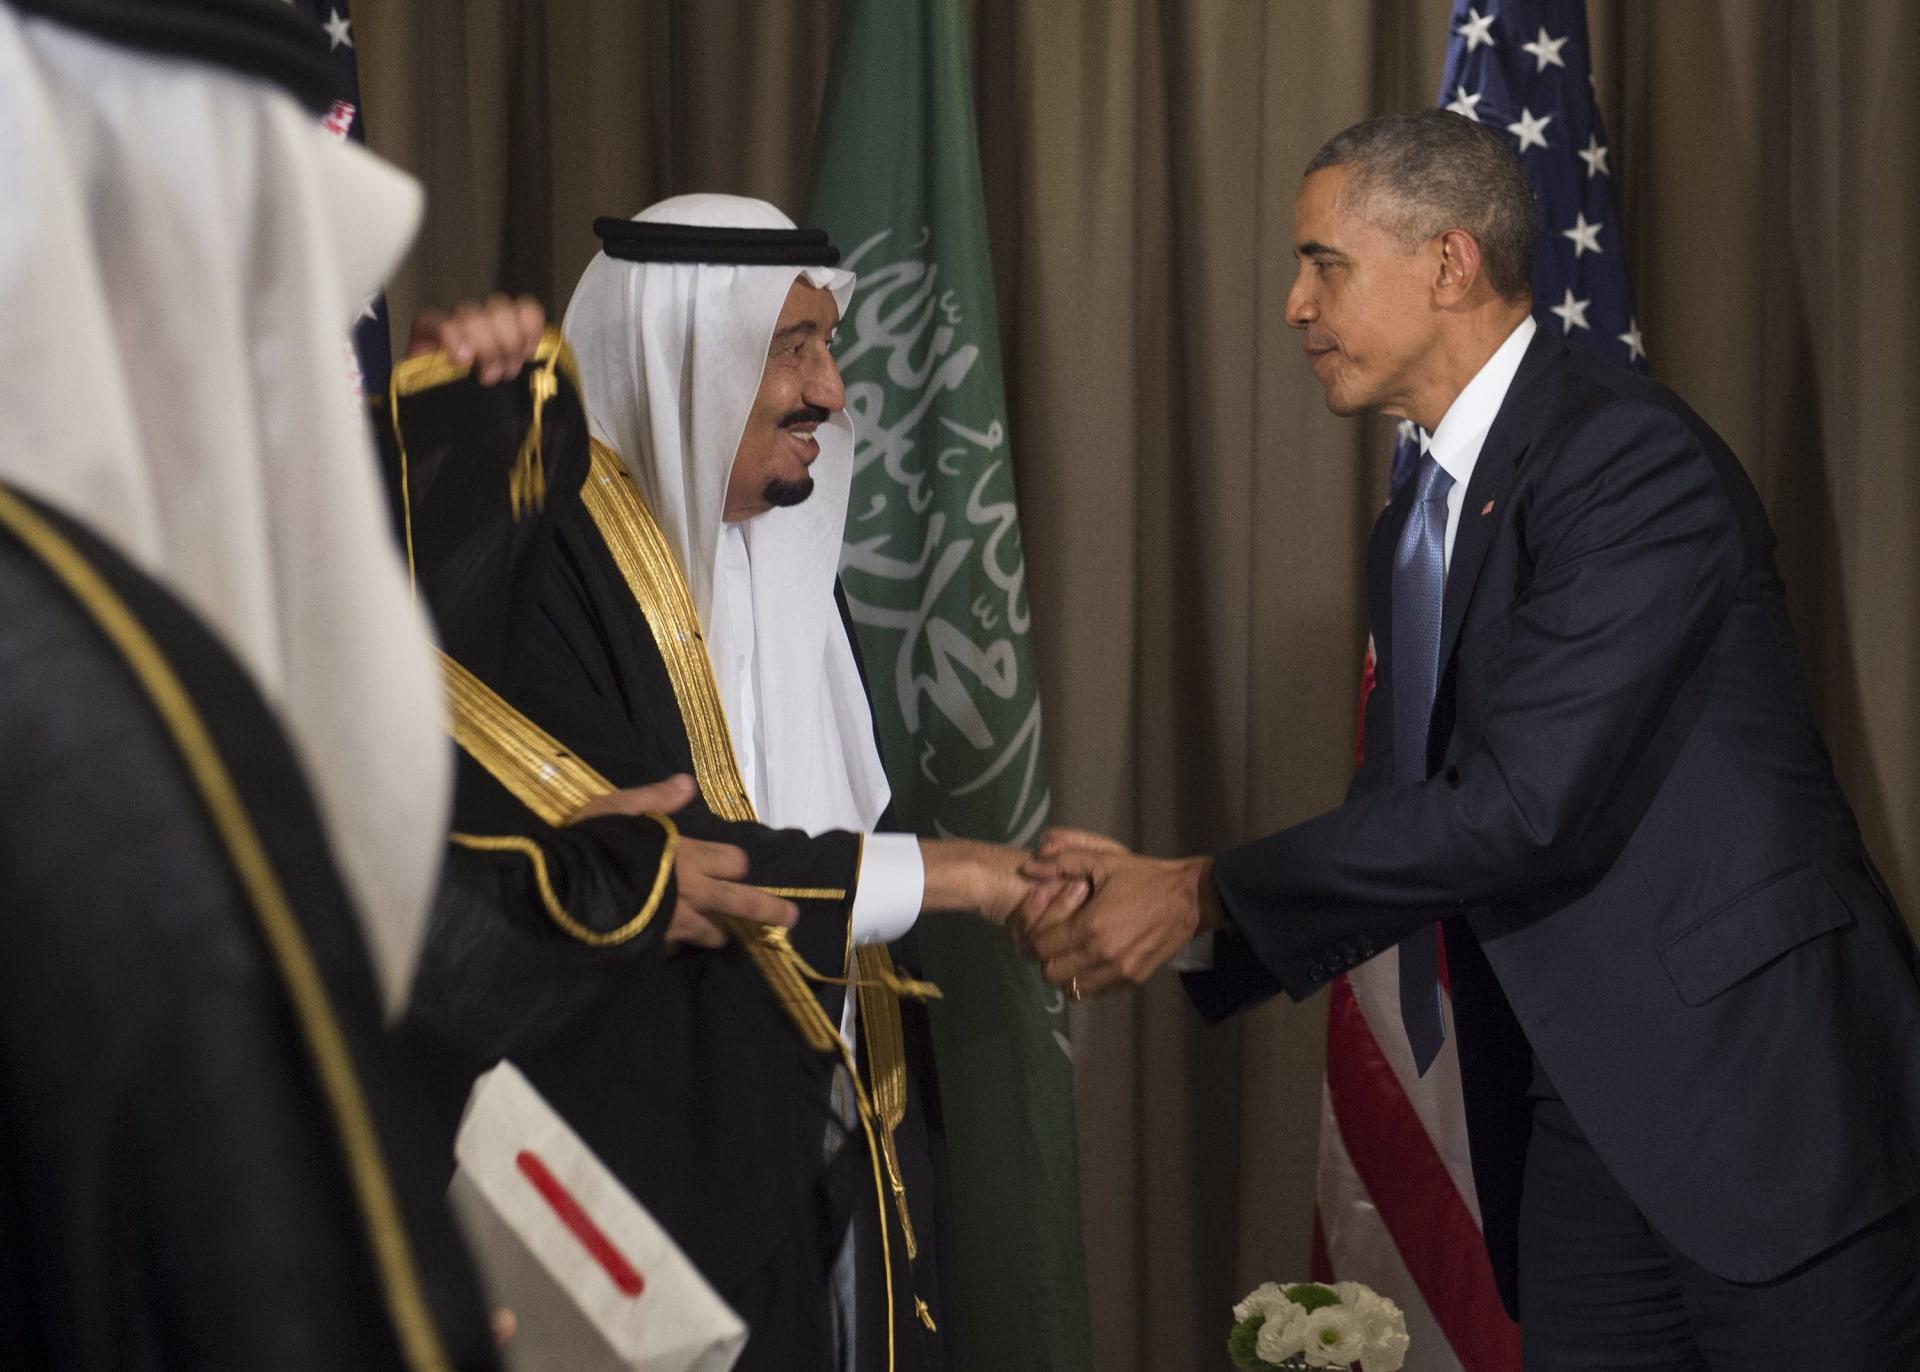 """تزامنا مع زيارة أوباما الخليج: البيت الأبيض يهدد باستخدام حق النقض ضد مشروع قانون 9/11 ويعتبره """"تهديدا لسيادة الدولة"""""""